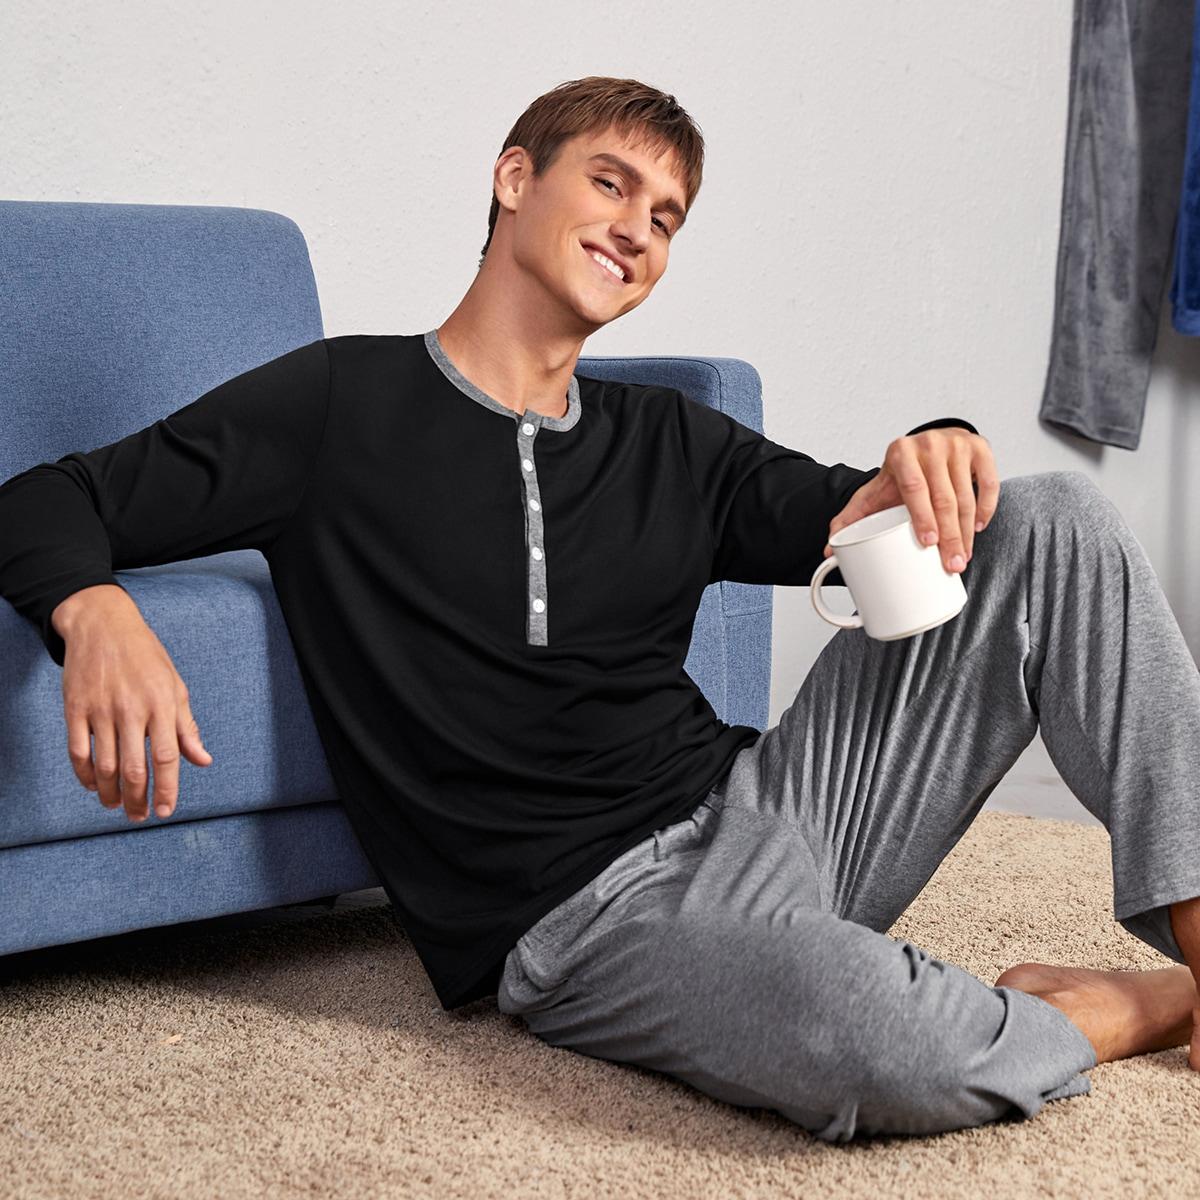 Контрастная отделка контрастный цвет повседневный мужская домашняя одежда